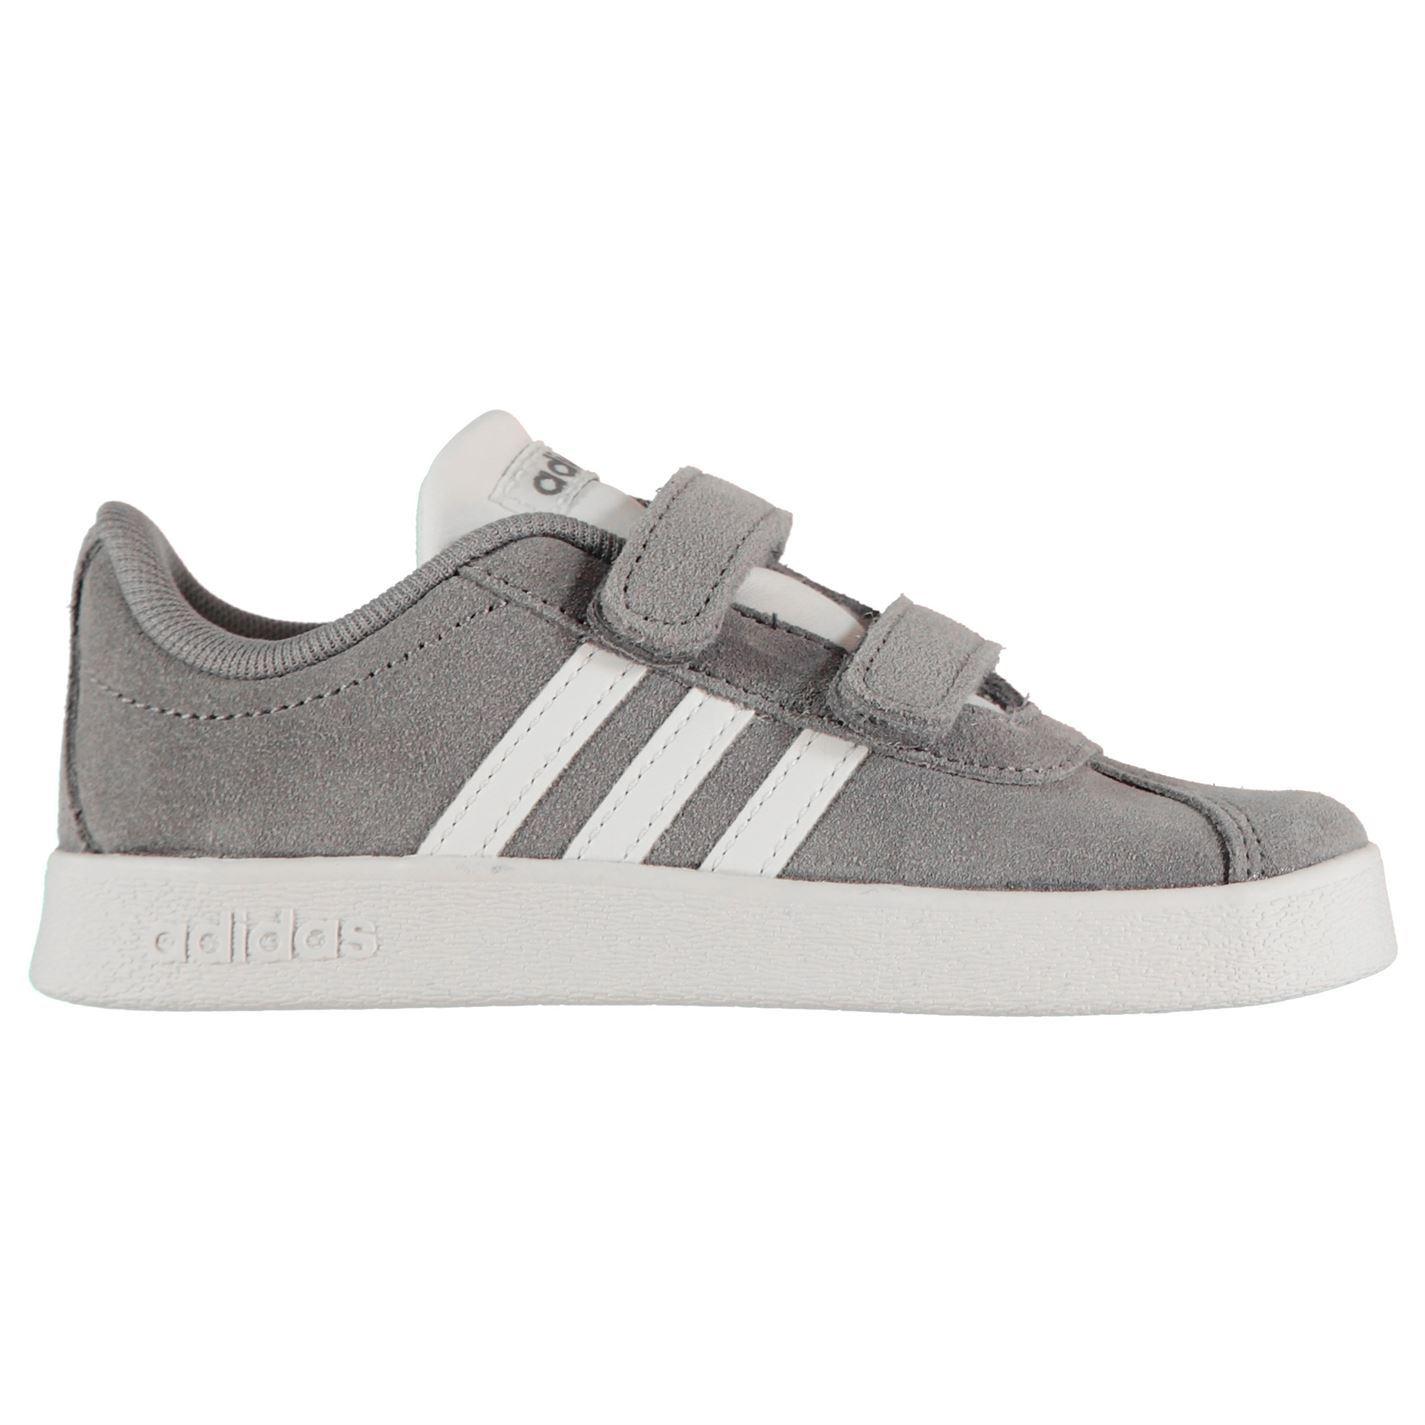 Détails sur Adidas Vl Escarpin Daim Baskets Enfant Garçon Chaussures Chaussures